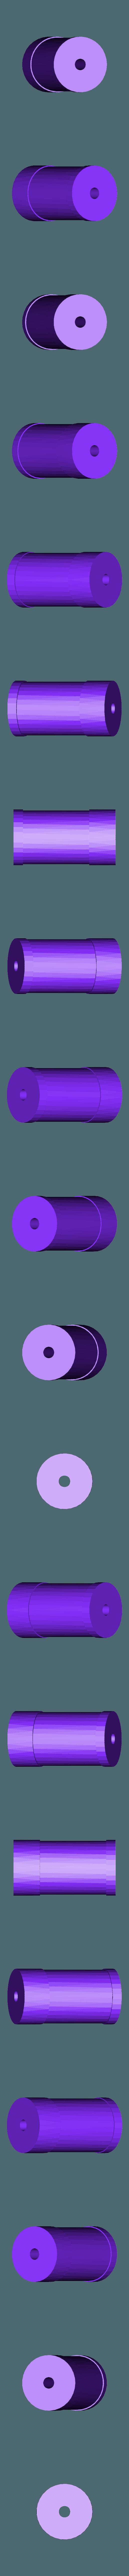 NCS_Spool_insert_51.stl Download free STL file NCS P3-v Steel 51mm dia Spool Insert • Object to 3D print, trentjw